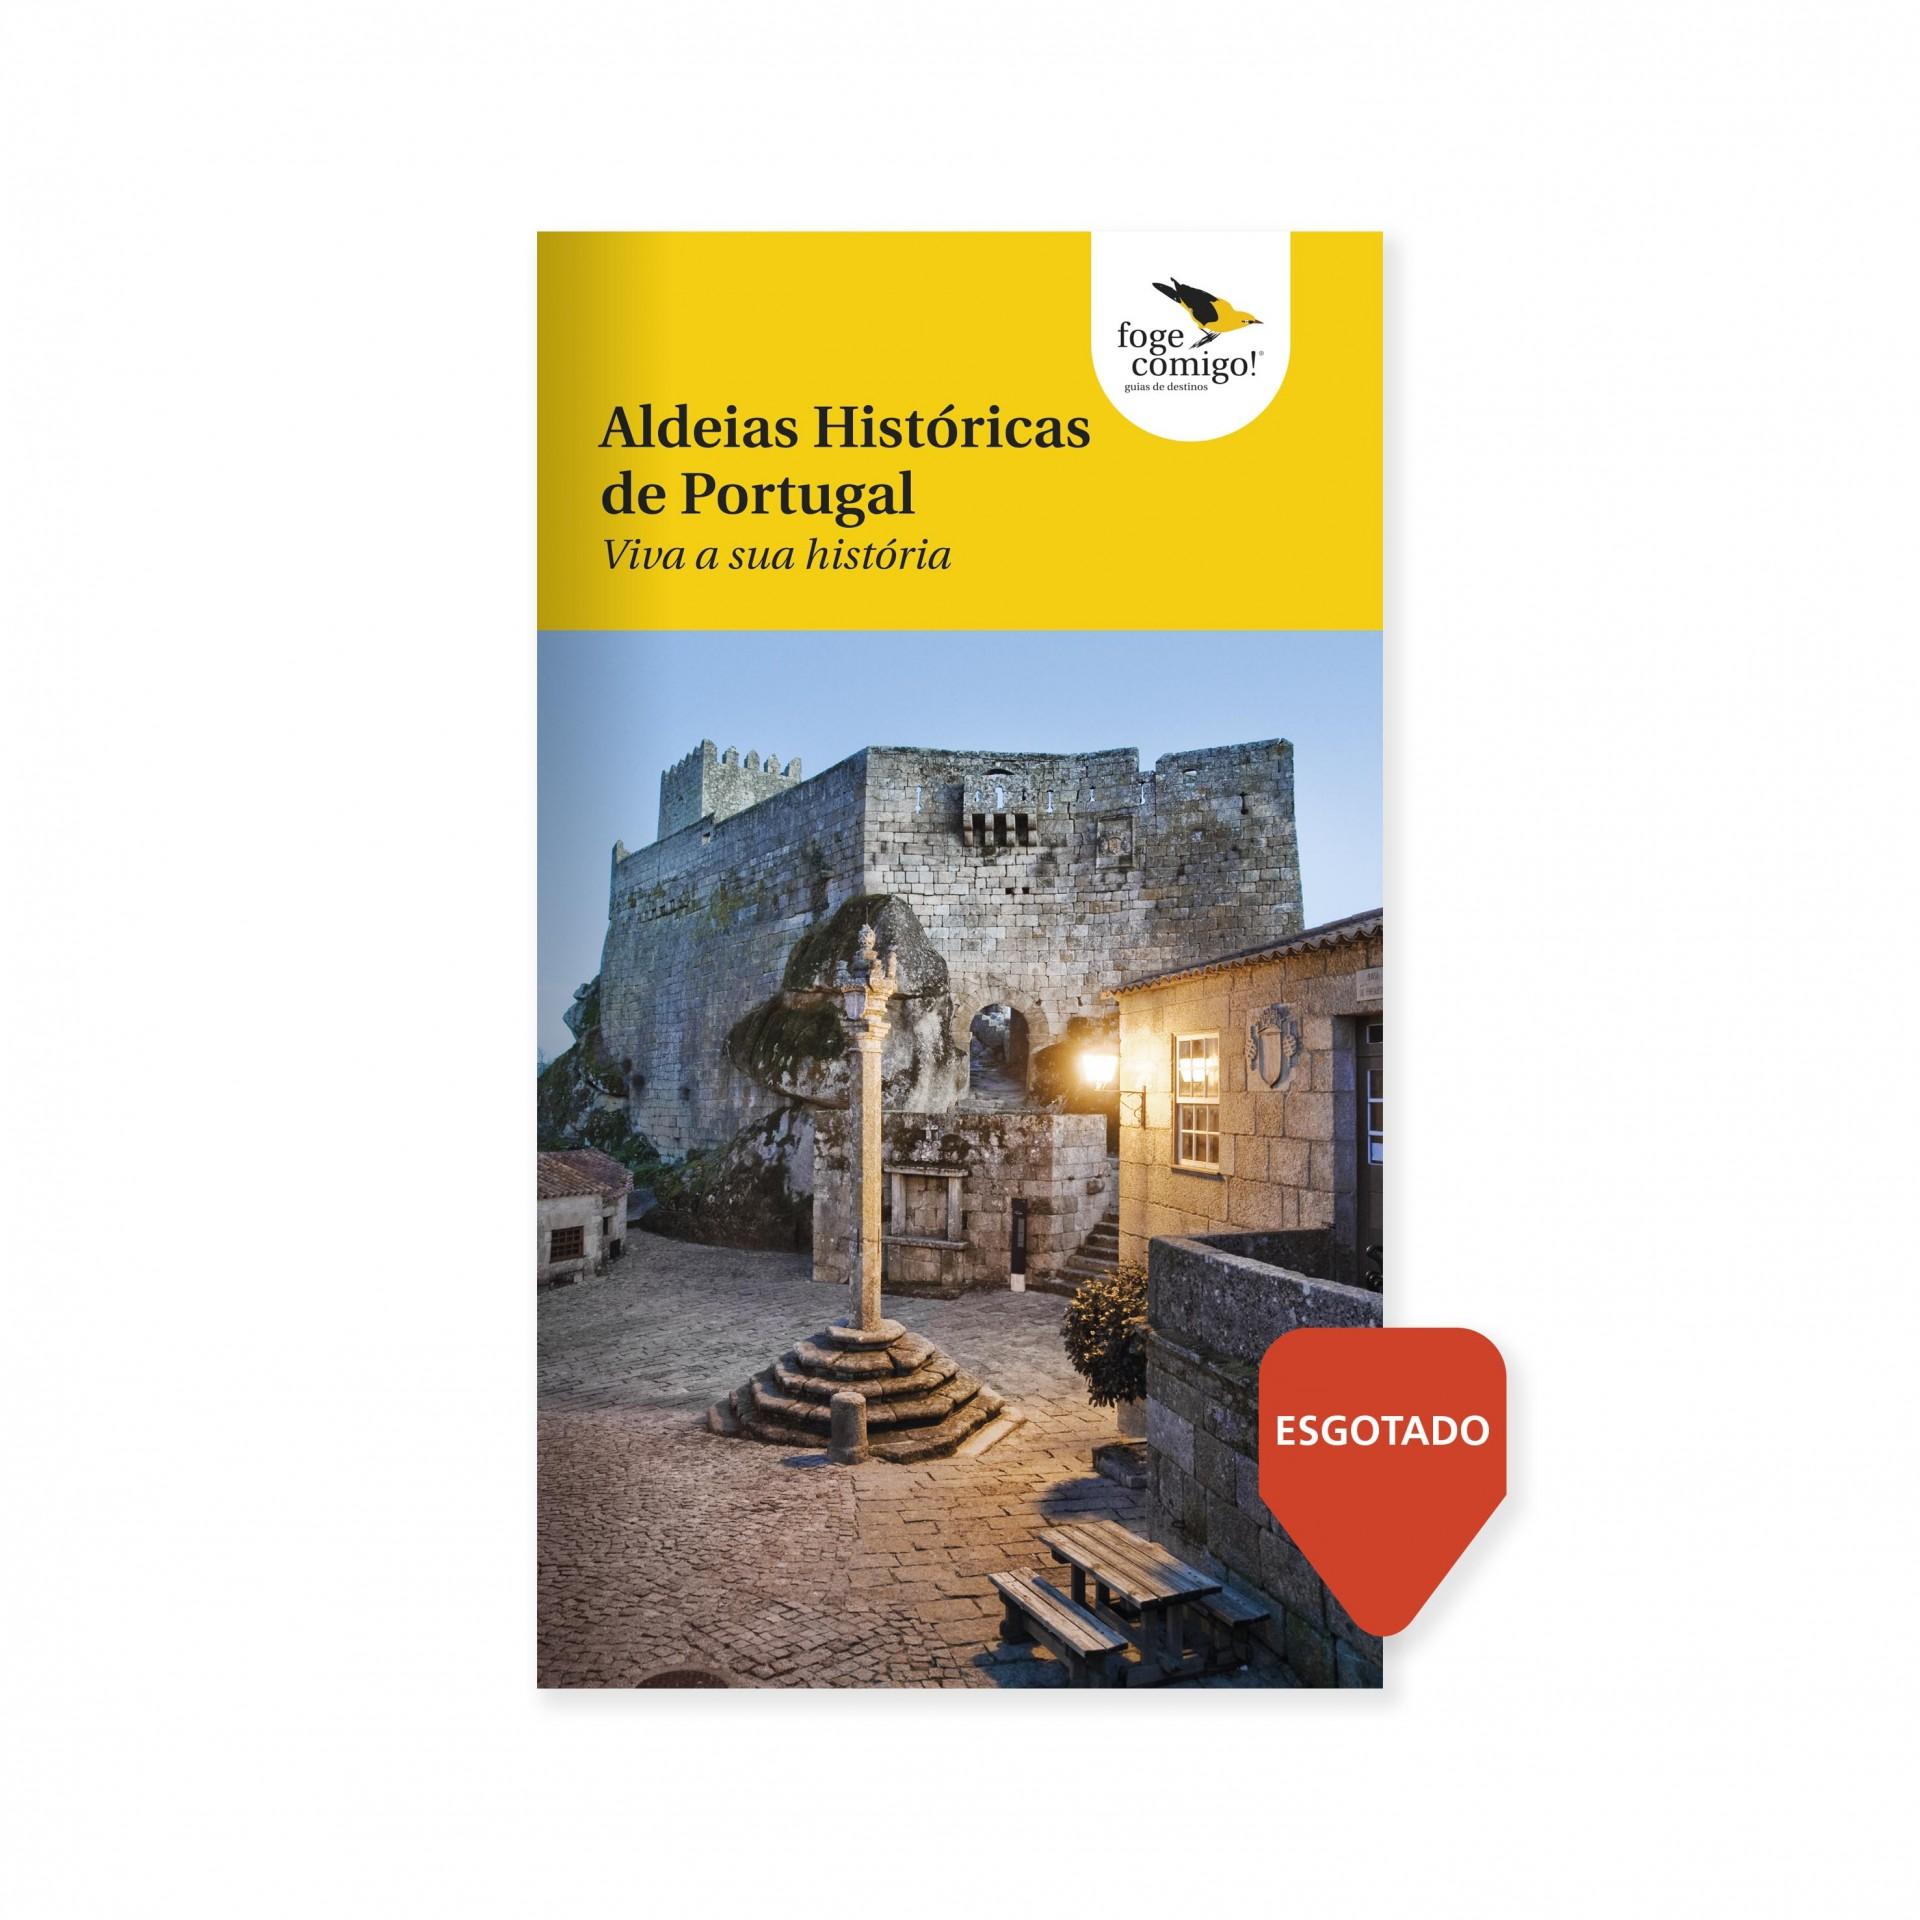 Aldeias Históricas de Portugal - Viva a sua história